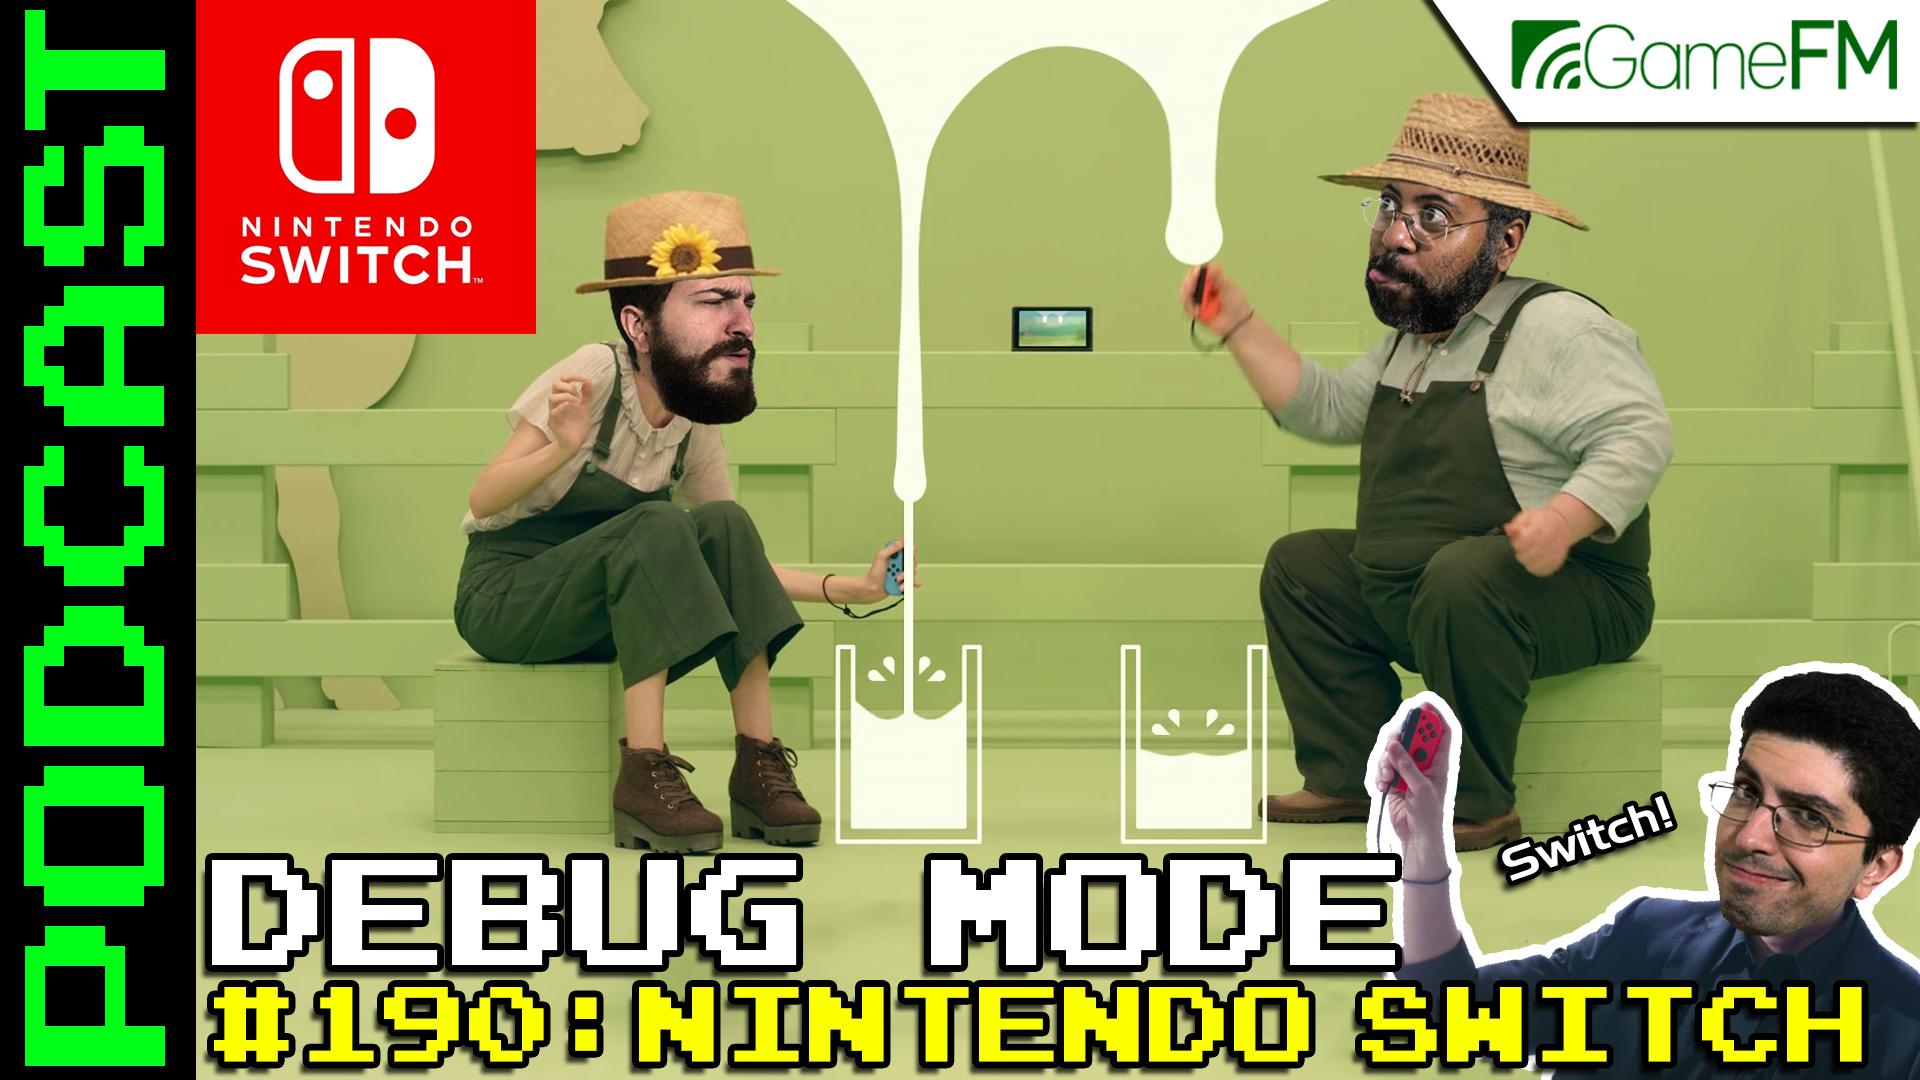 DebugMode190